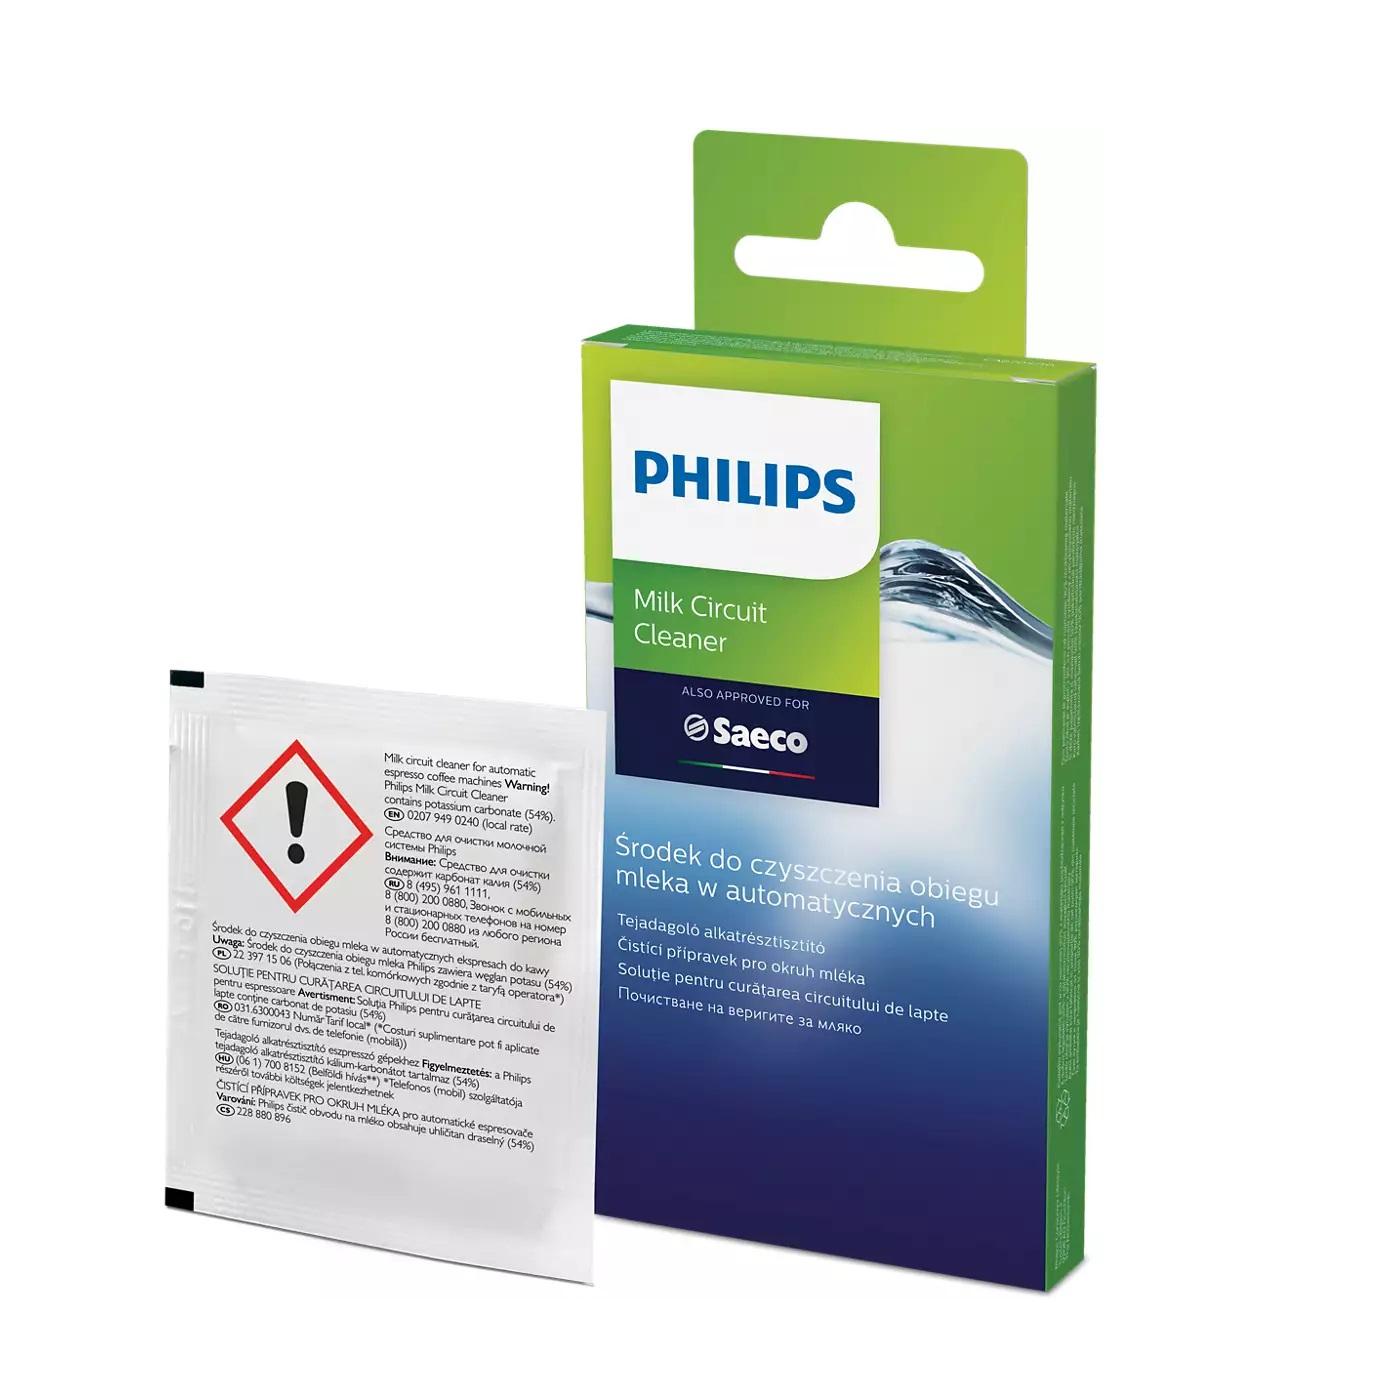 Philips Saeco pudra de curatare sistem lapte set 6 plicuri